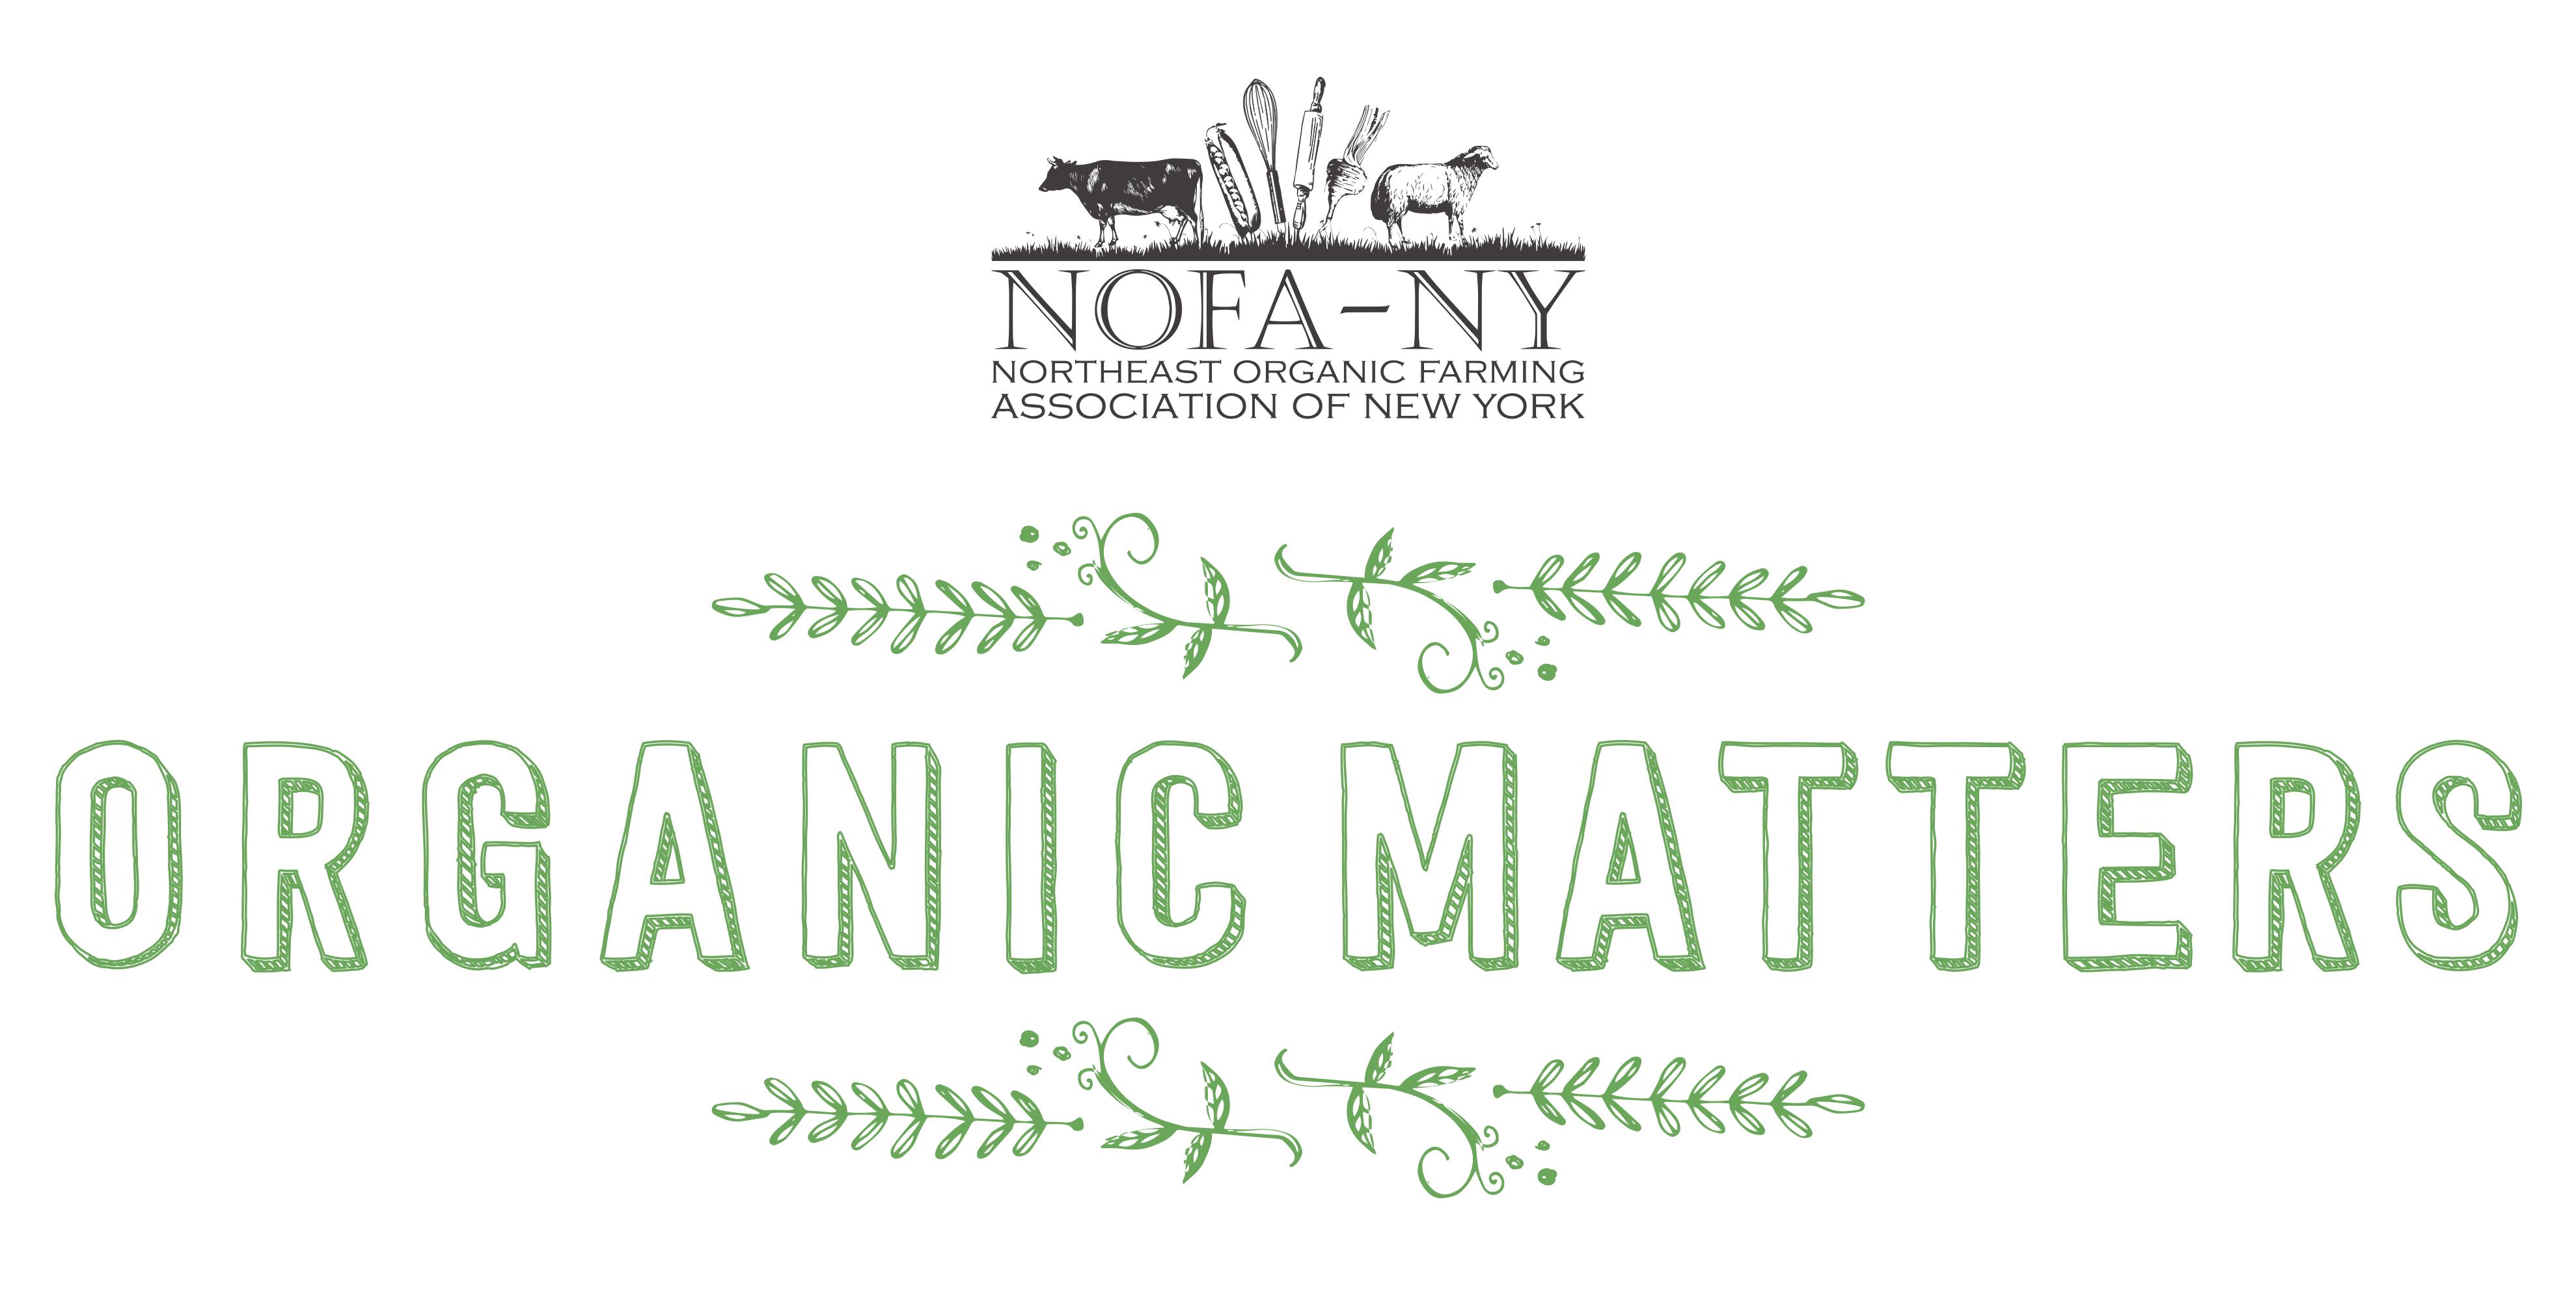 2018 Organic Matters Gala